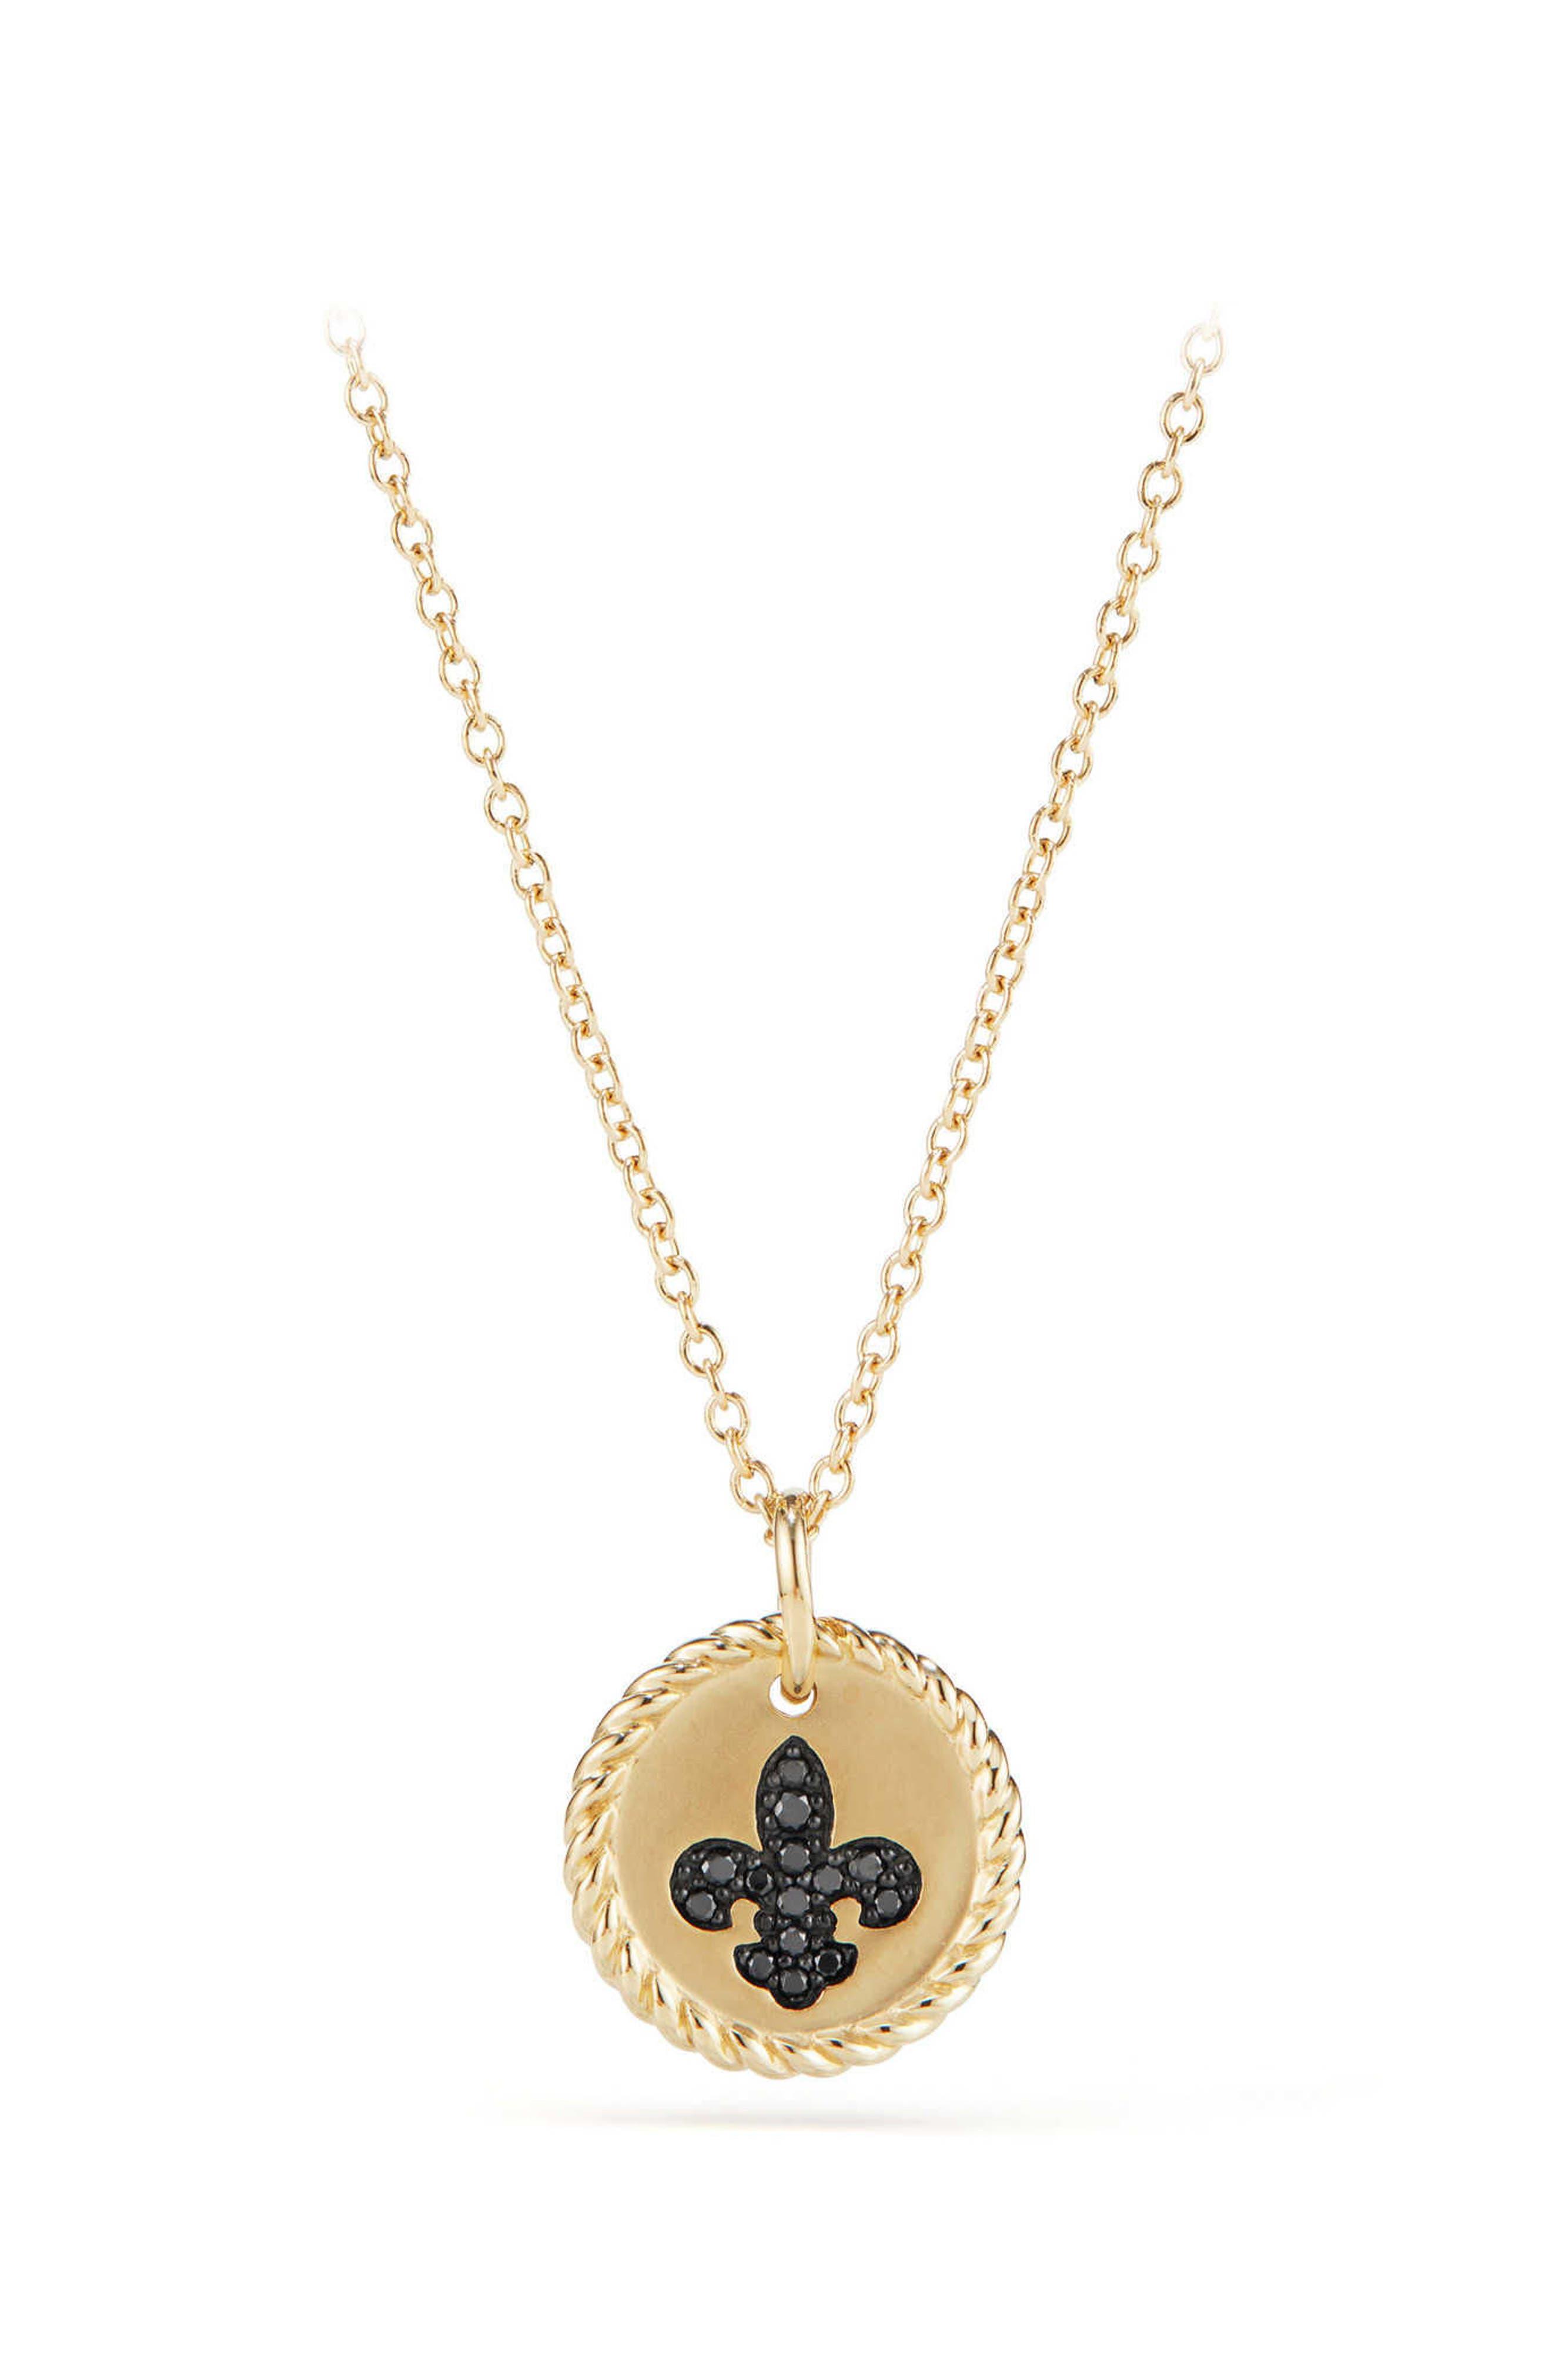 Cable Collectibles Fleur de Lis Necklace with Black Diamonds in 18K Gold,                         Main,                         color, Gold/ Black Diamond